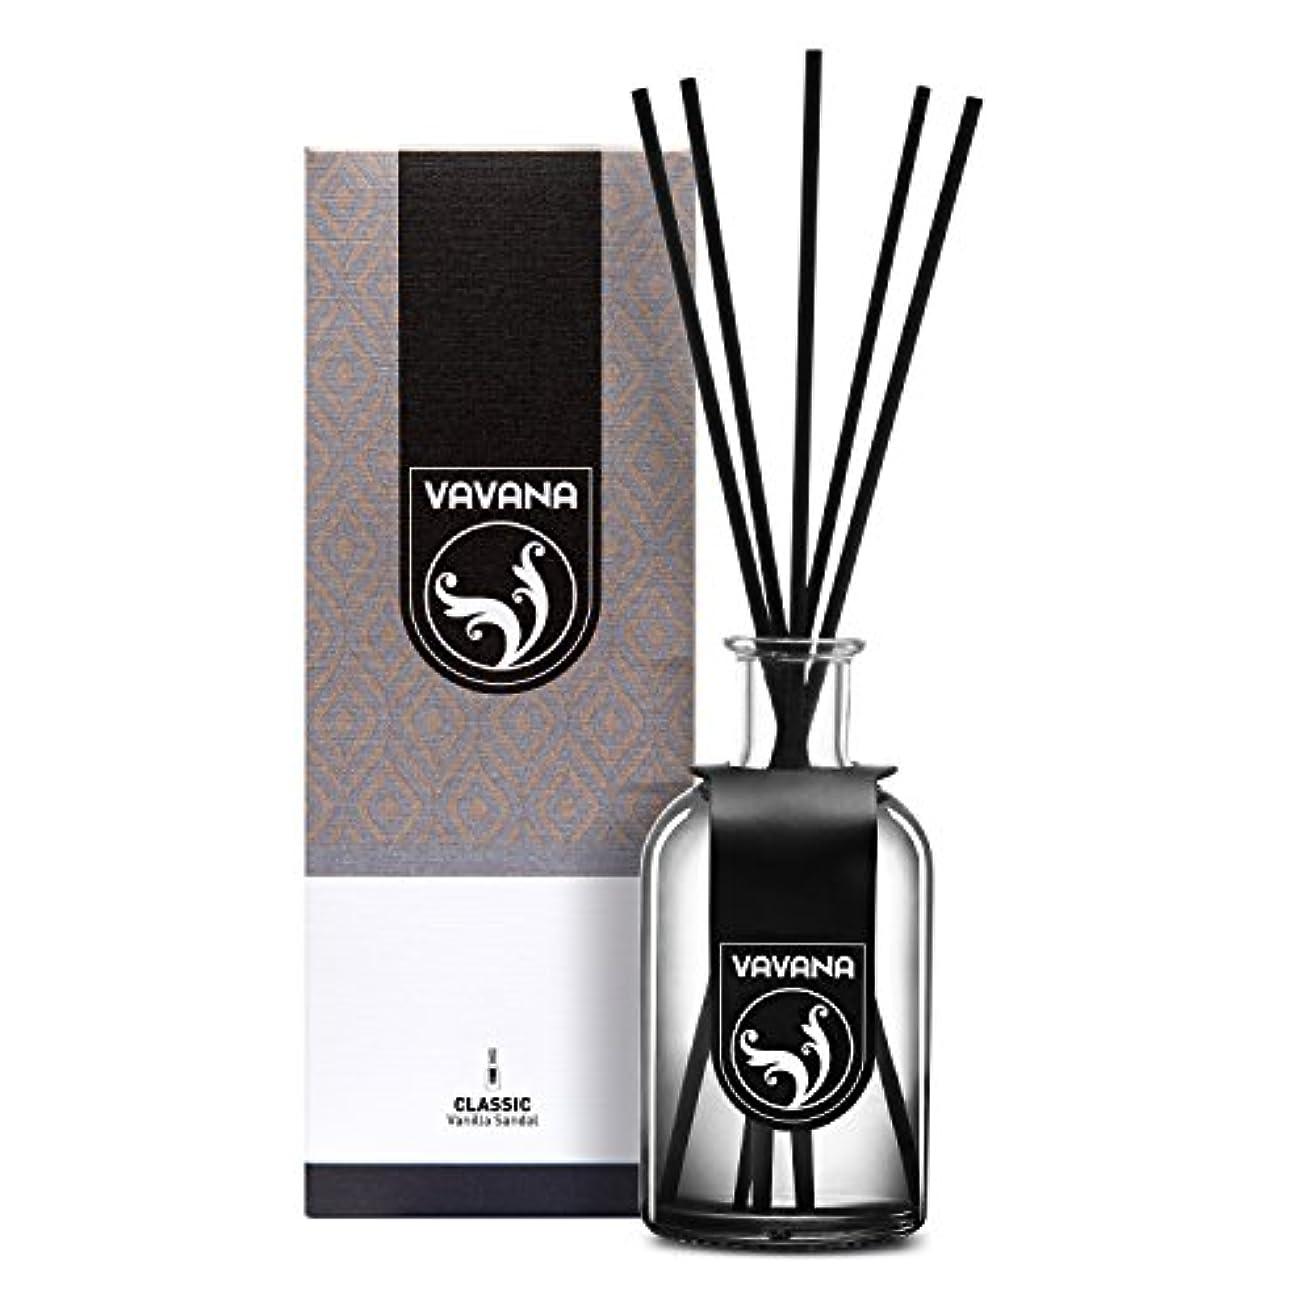 パワーセル一目機密Vavana アロマセラピーディフューザースティック リードディフューザーセット アロマホームフレグランスセット エッセンシャルオイルディフューザースティック 天然の香りのオイルブレンド製